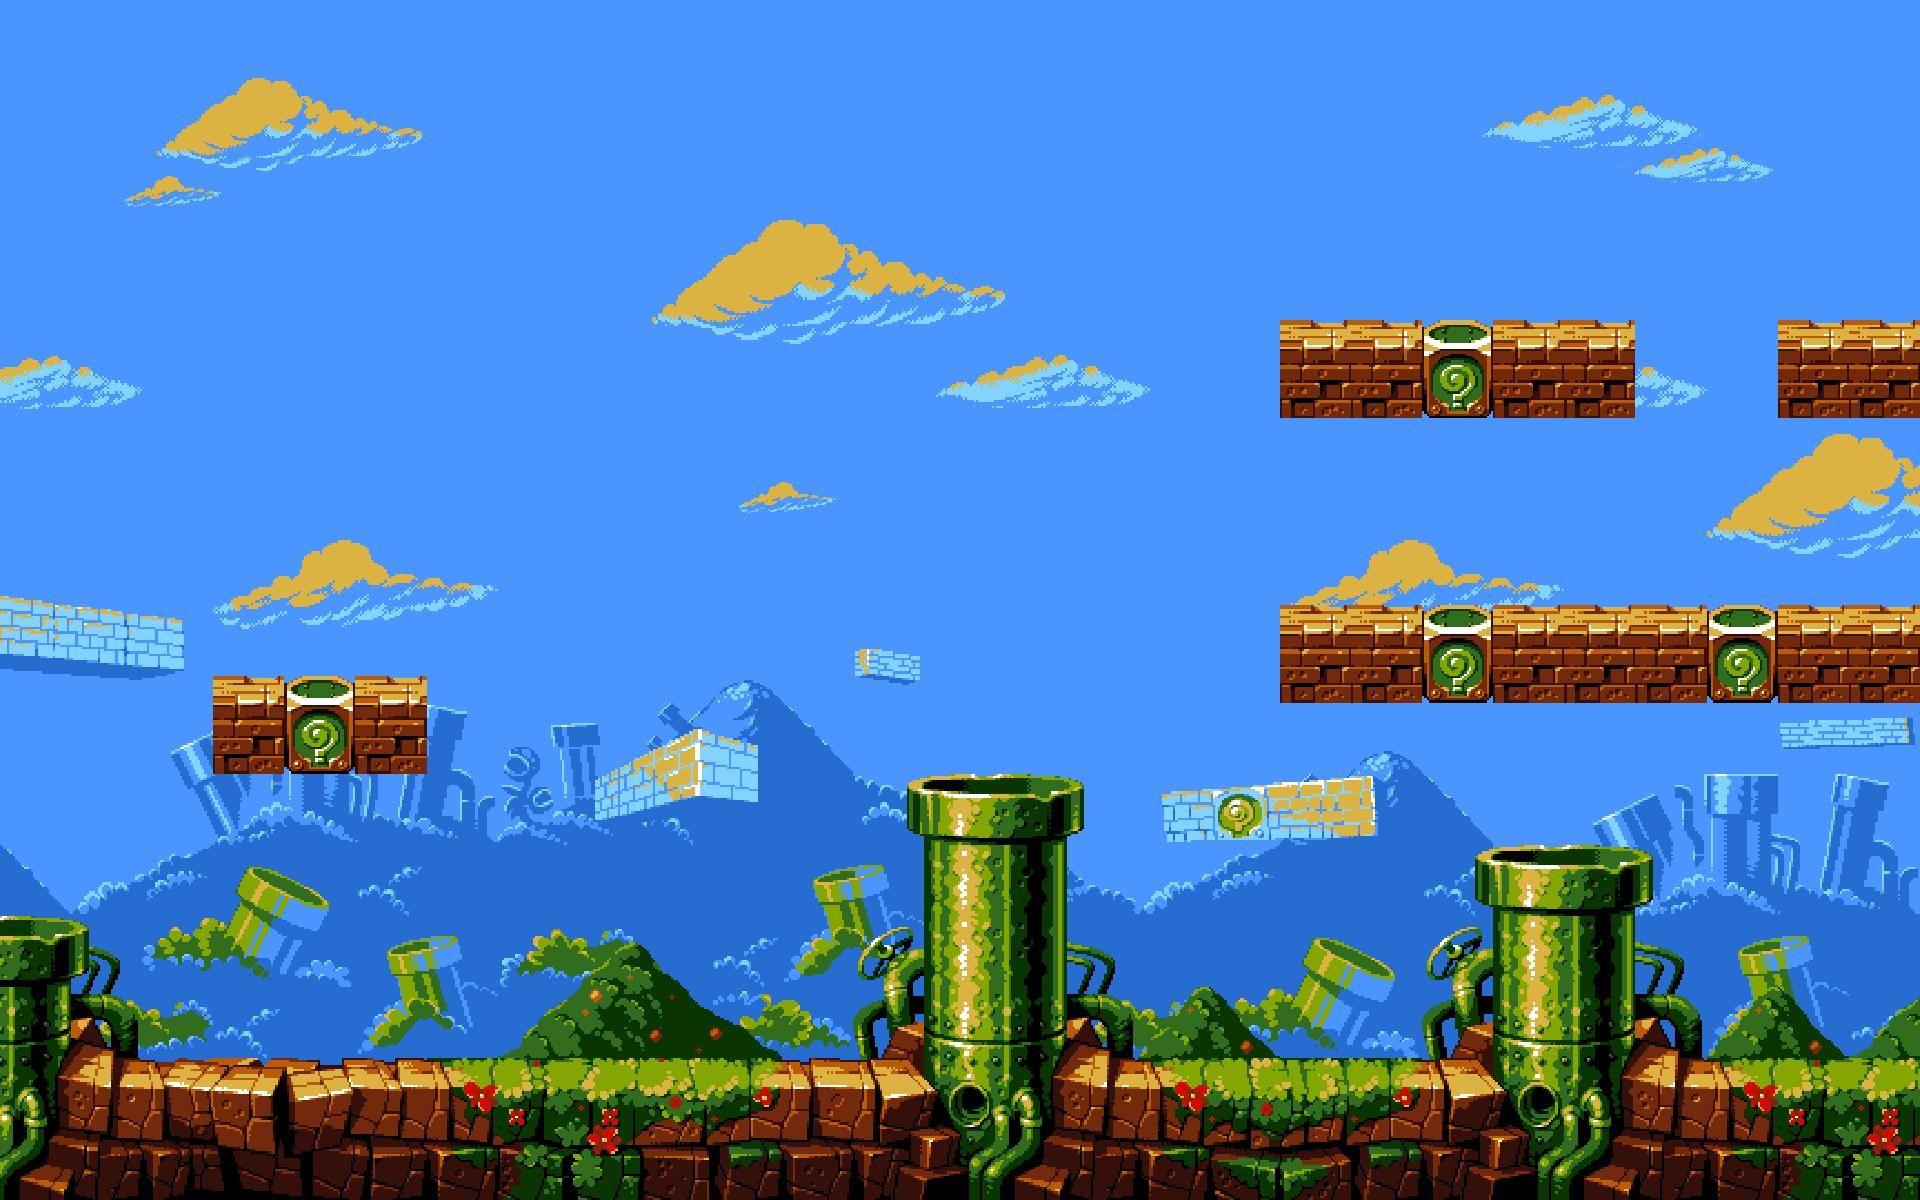 Mario Wallpapers Hd Wallpaper 1280 1024 Mario Bros Wallpaper 50 Wallpapers Adorable Wallpapers Pixel Art Mario Art Game Concept Art